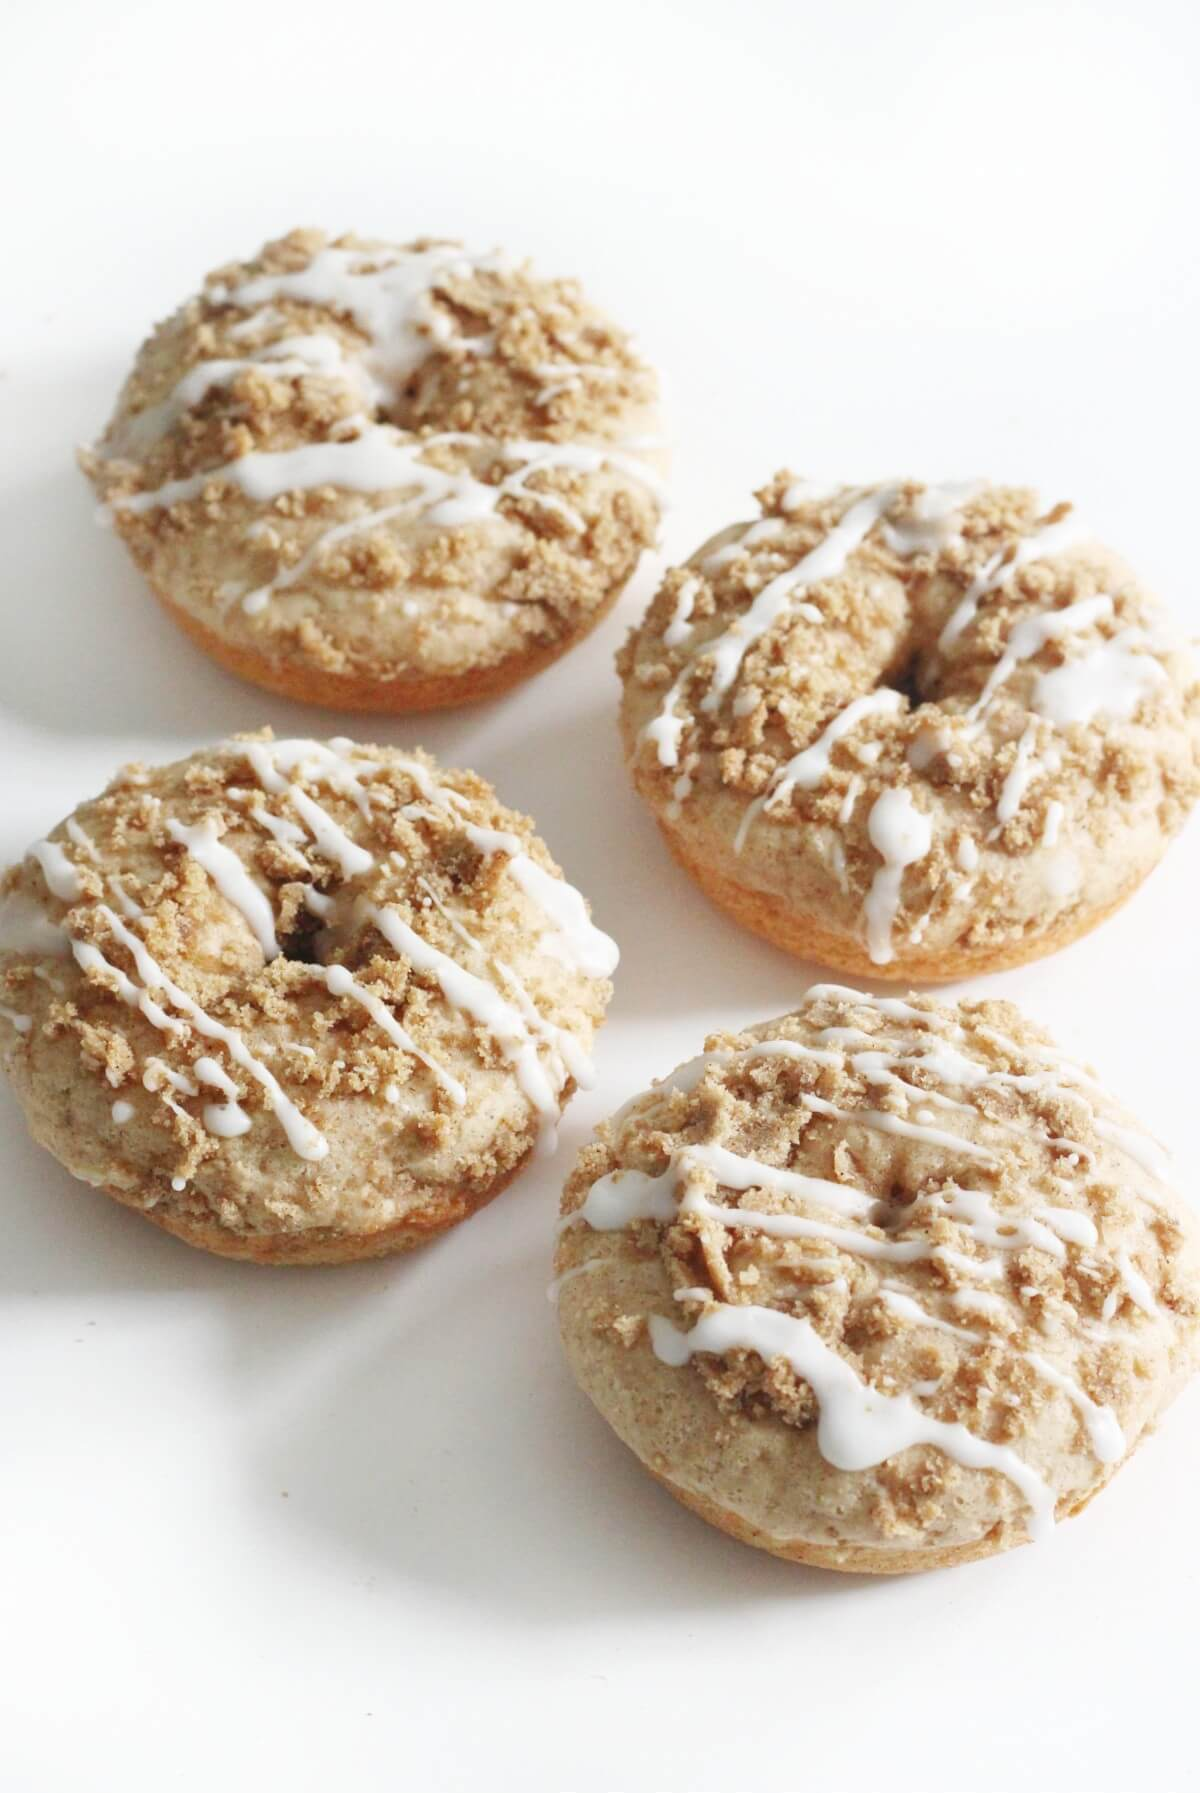 four gluten-free coffee cake doughnuts on white table